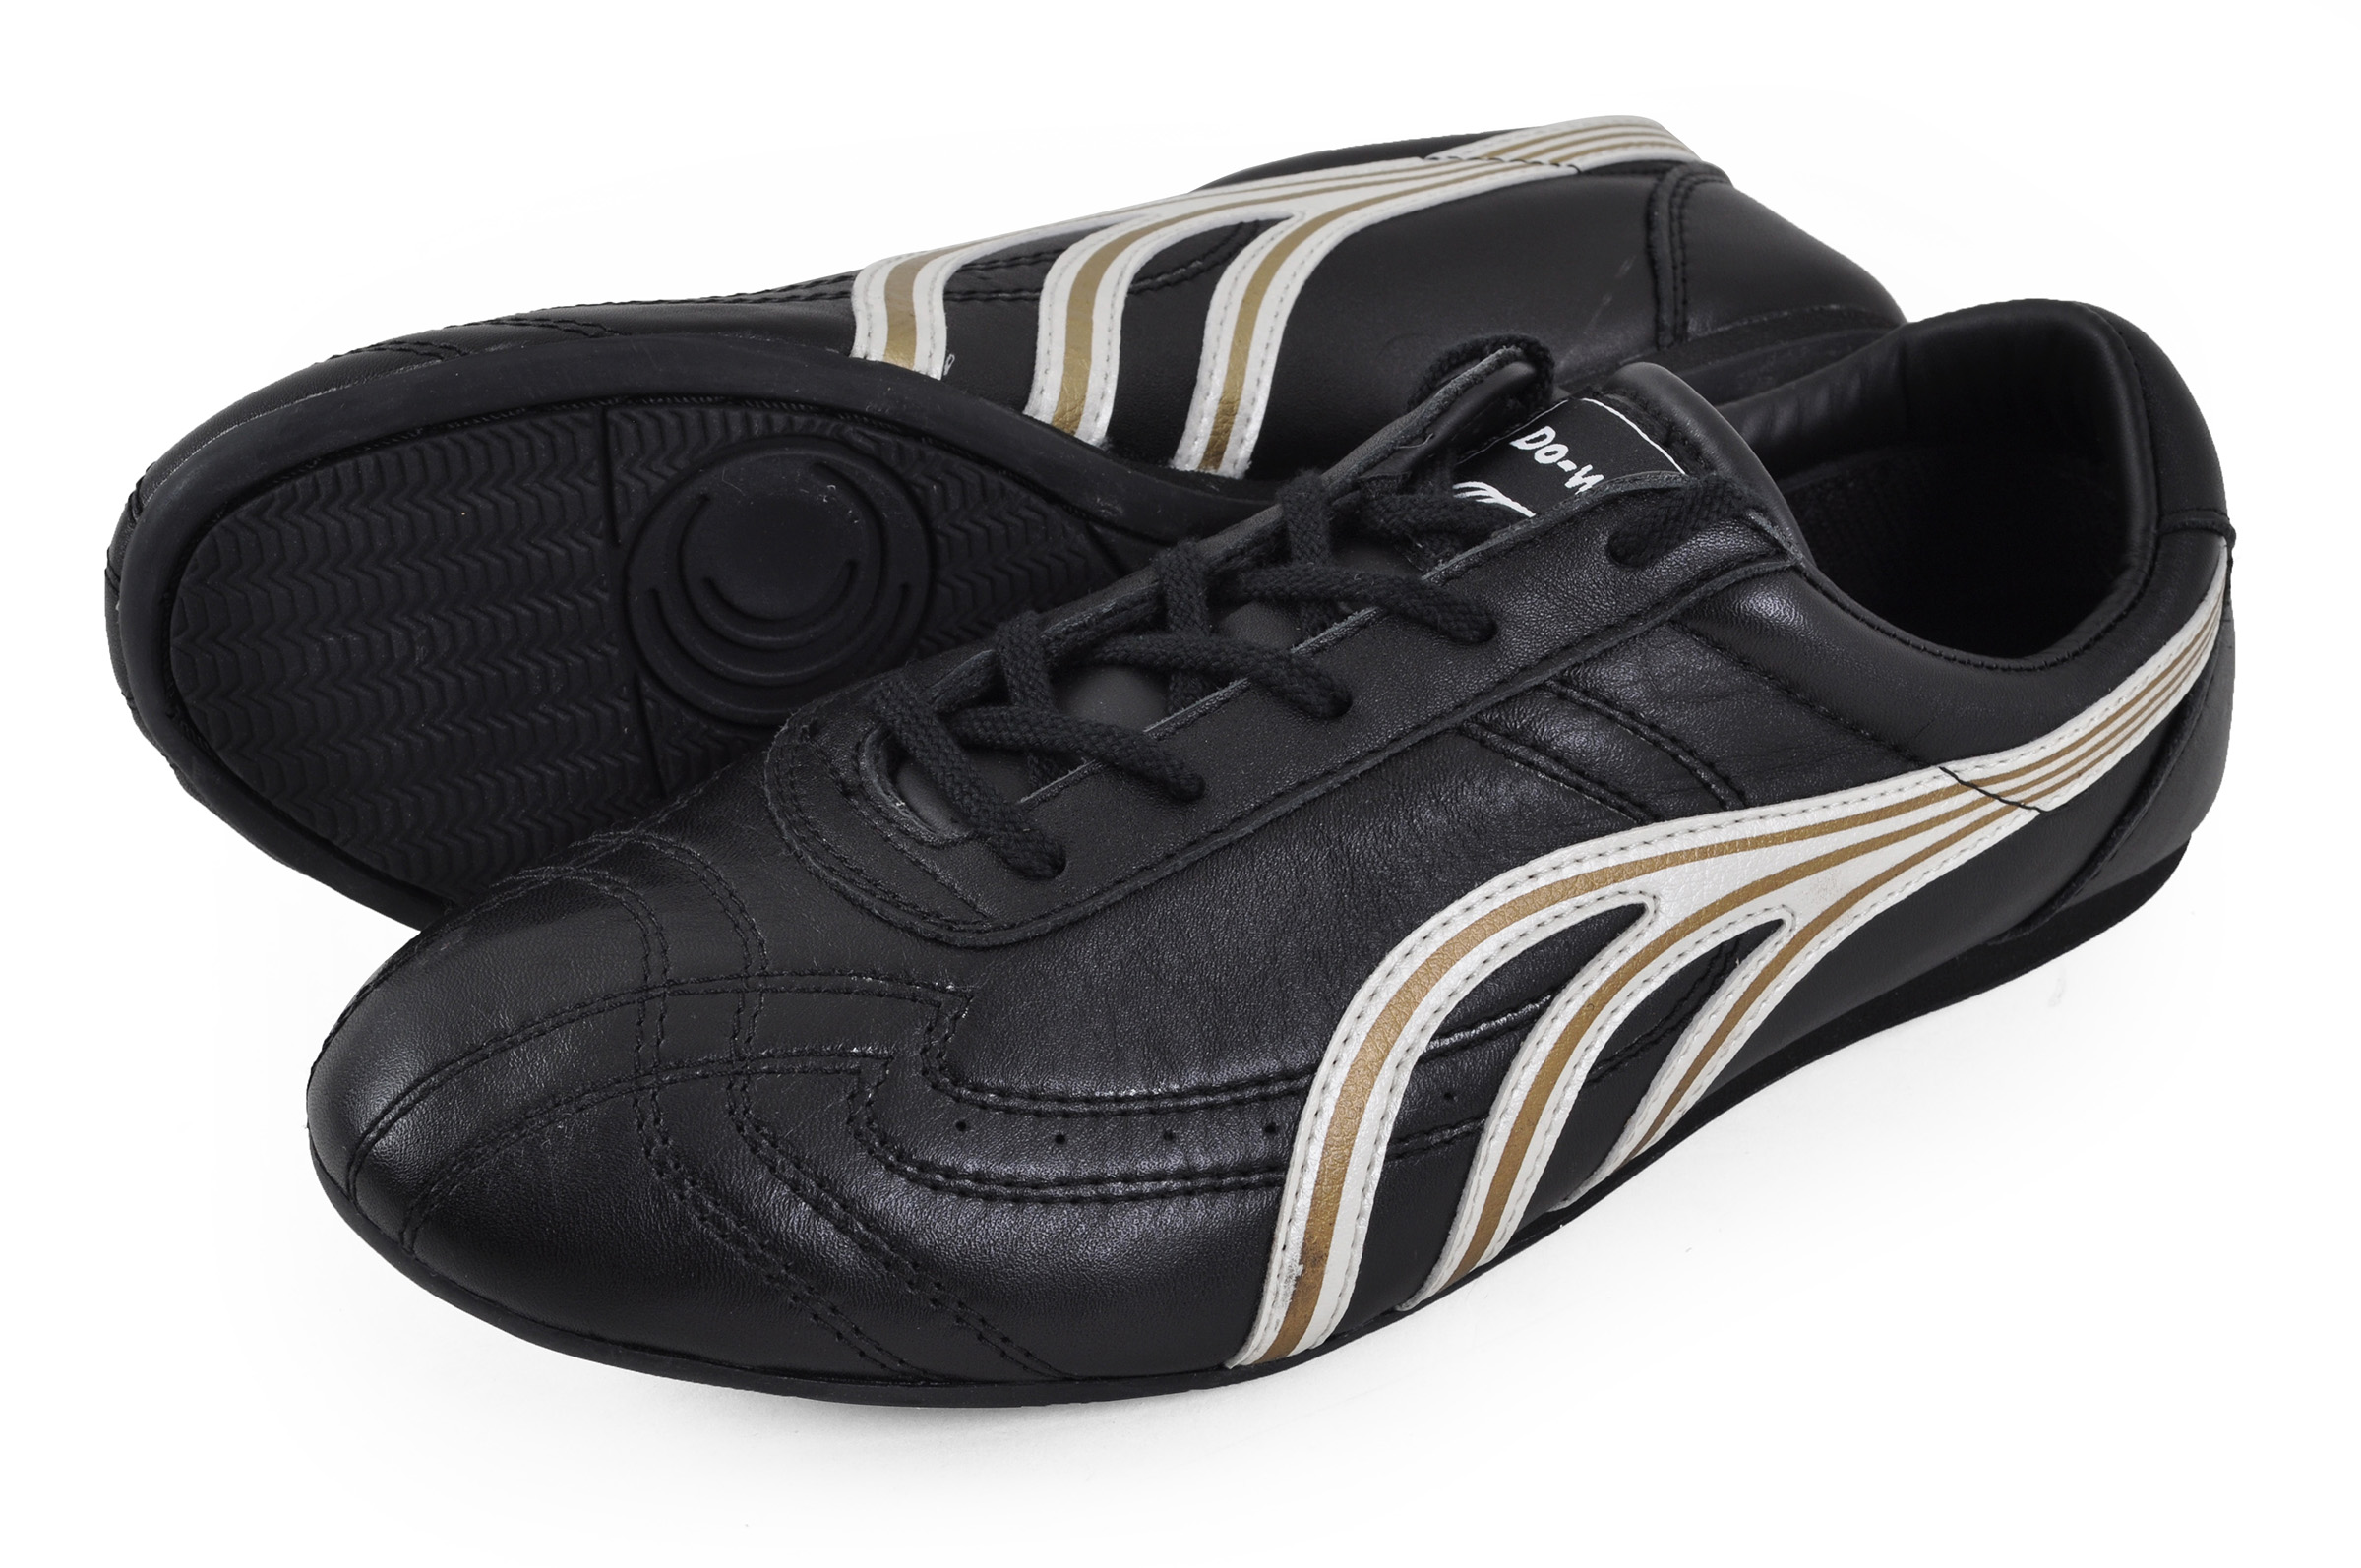 466a7cf5e [Destock] Dowin Wushu Shoes, Black